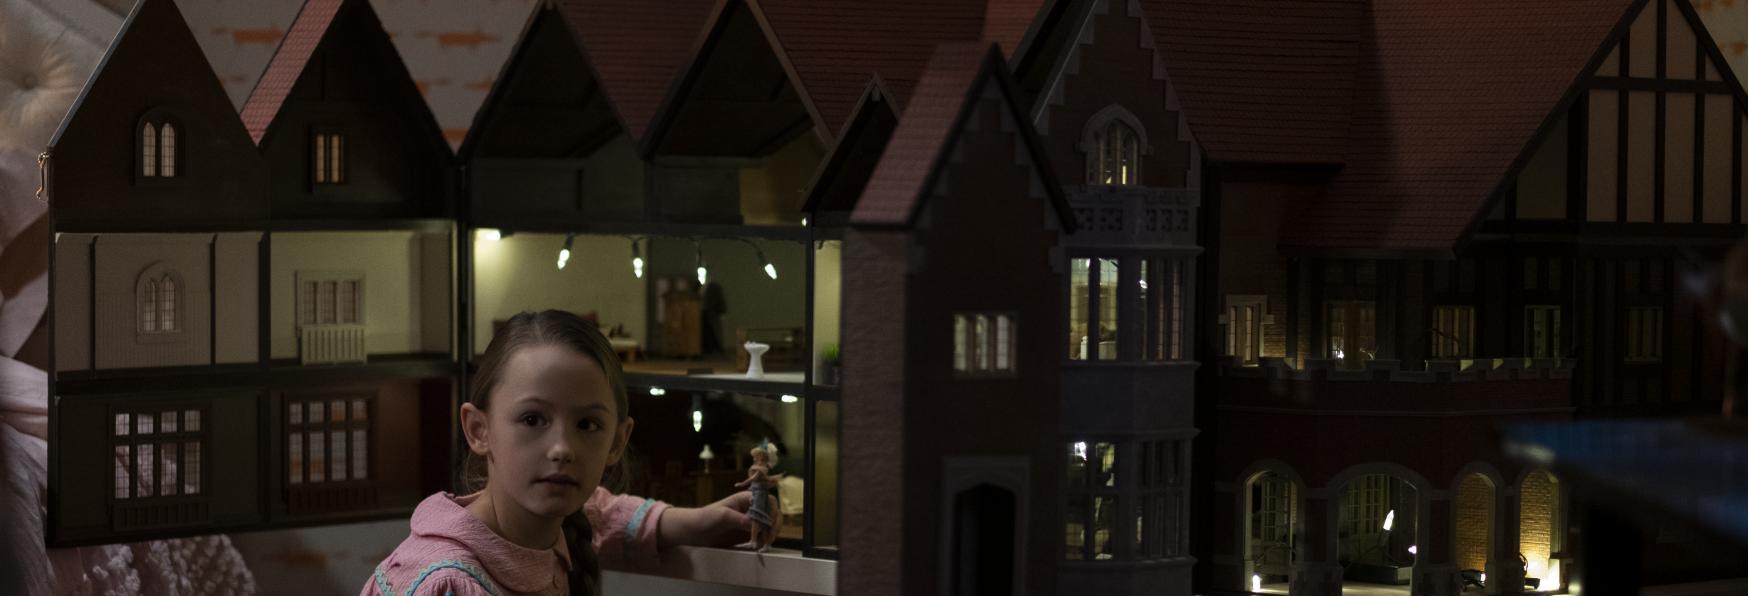 The Haunting of Bly Manor: i Creatori non hanno piani per altre Stagioni